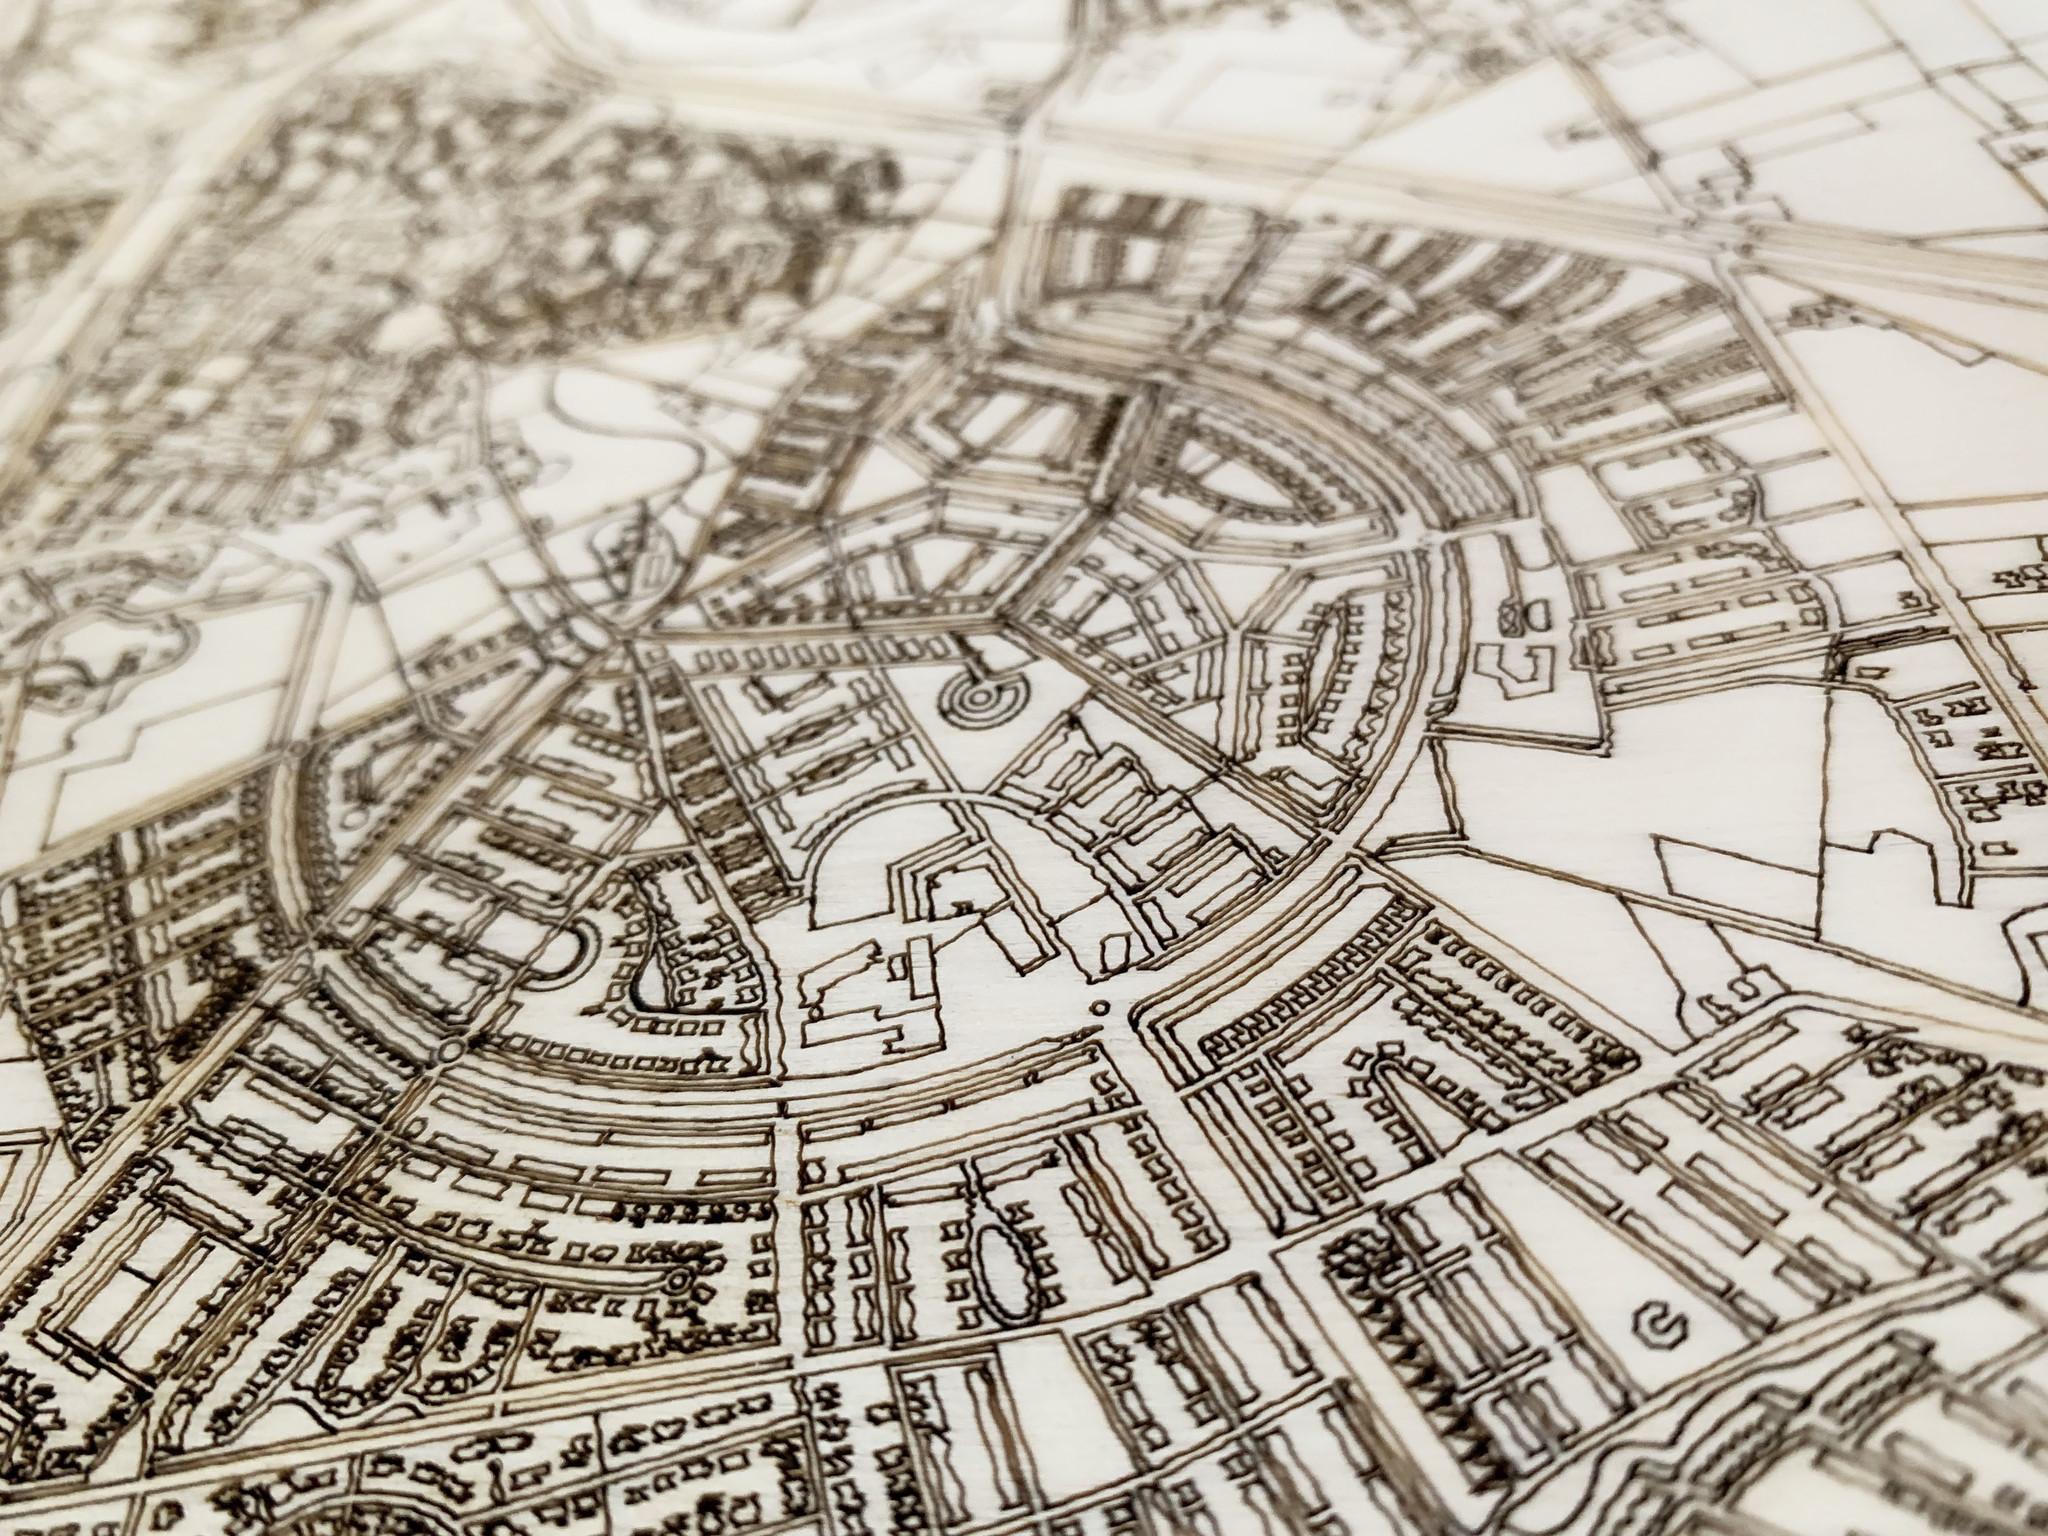 Houten stadsplattegrond Workum-3